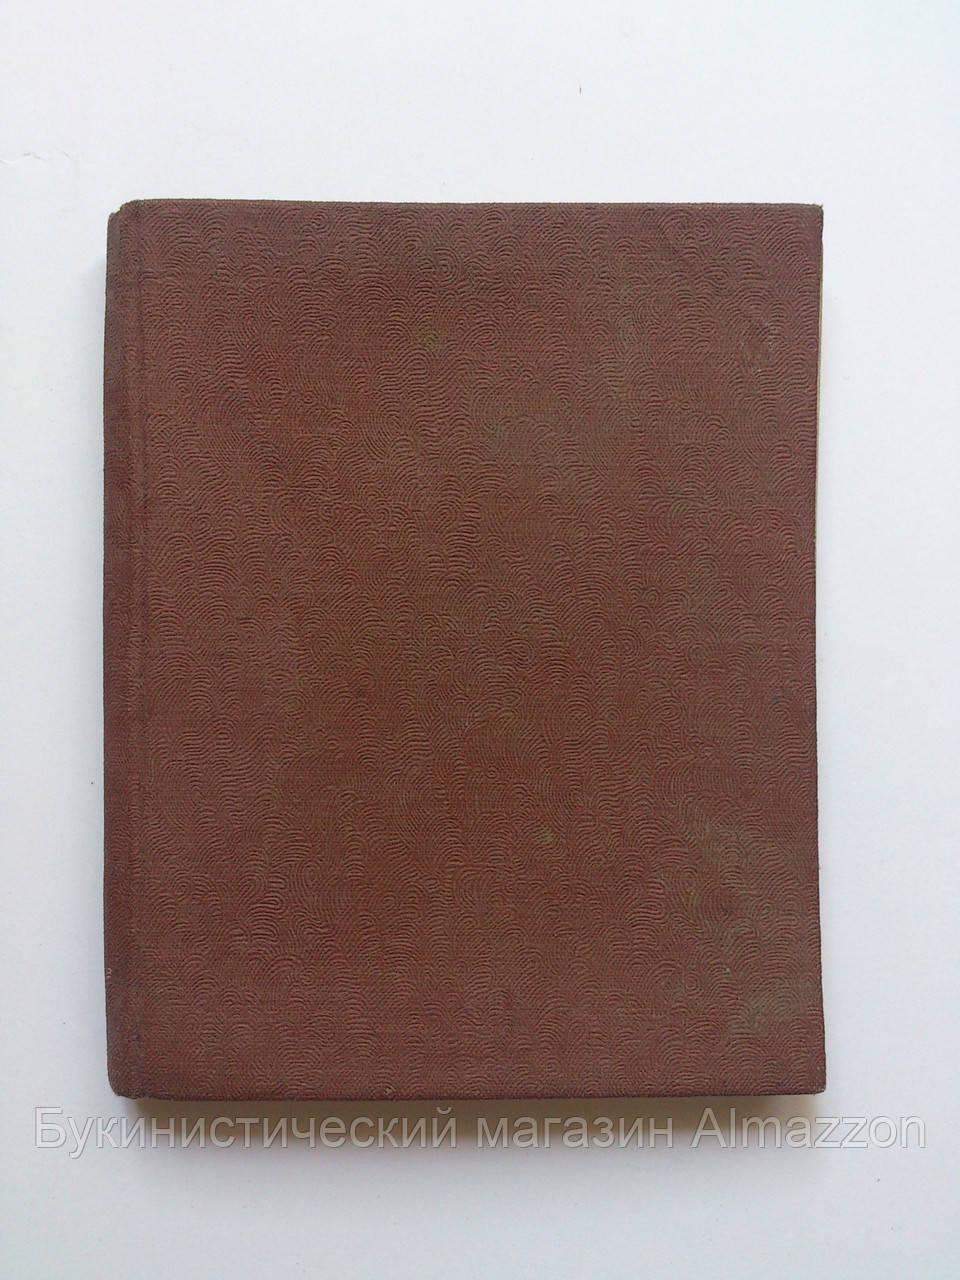 Список телефонов и адресов предприятий Мосторга. 70--е годы